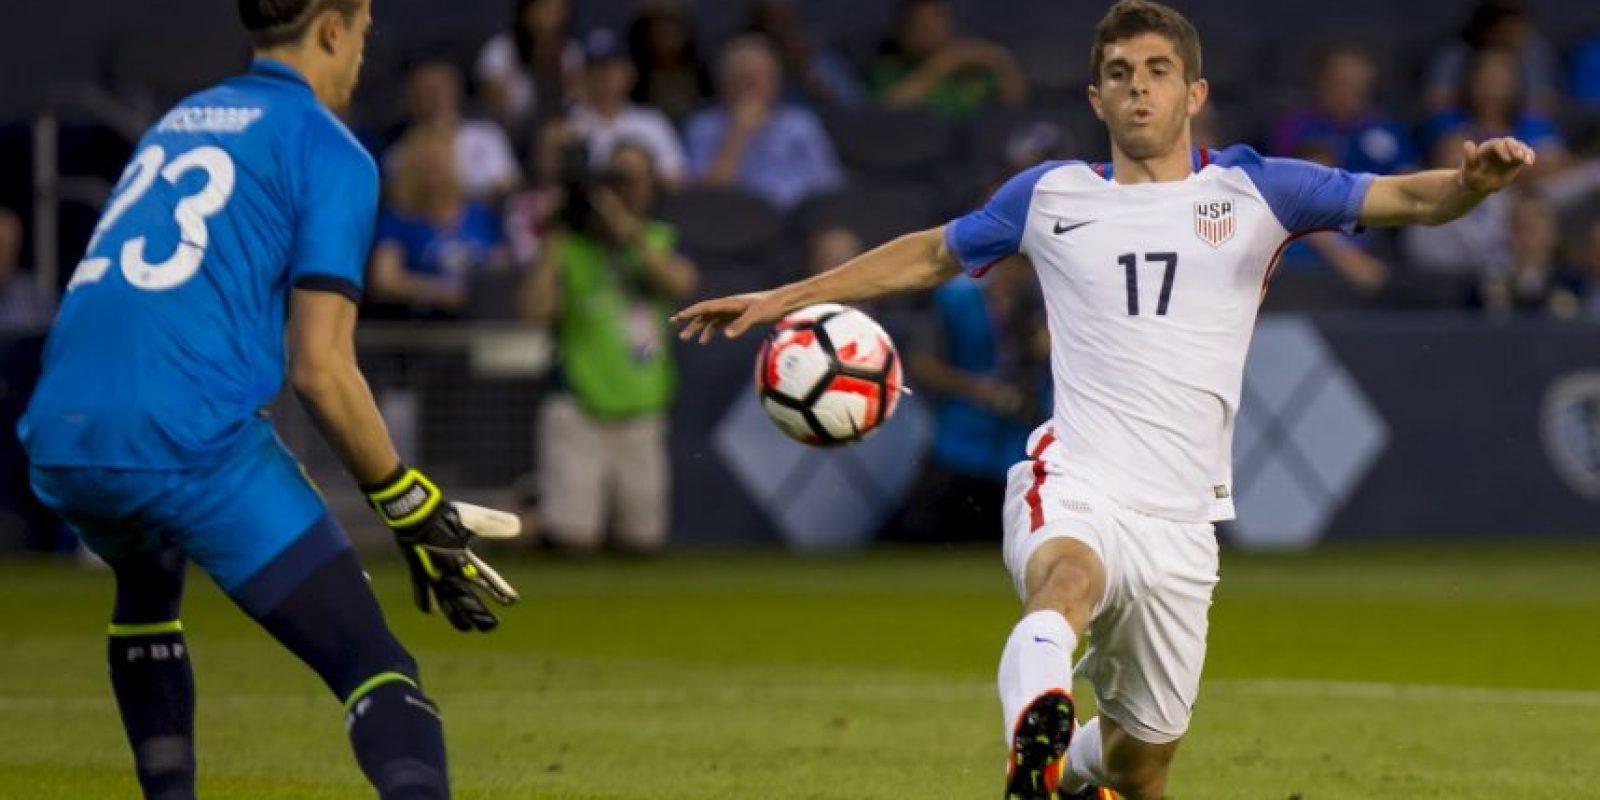 El jugador de Estados Unidos tiene sólo 17 años y vivirá la presión de ser local en el torneo de selecciones Foto:Getty Images